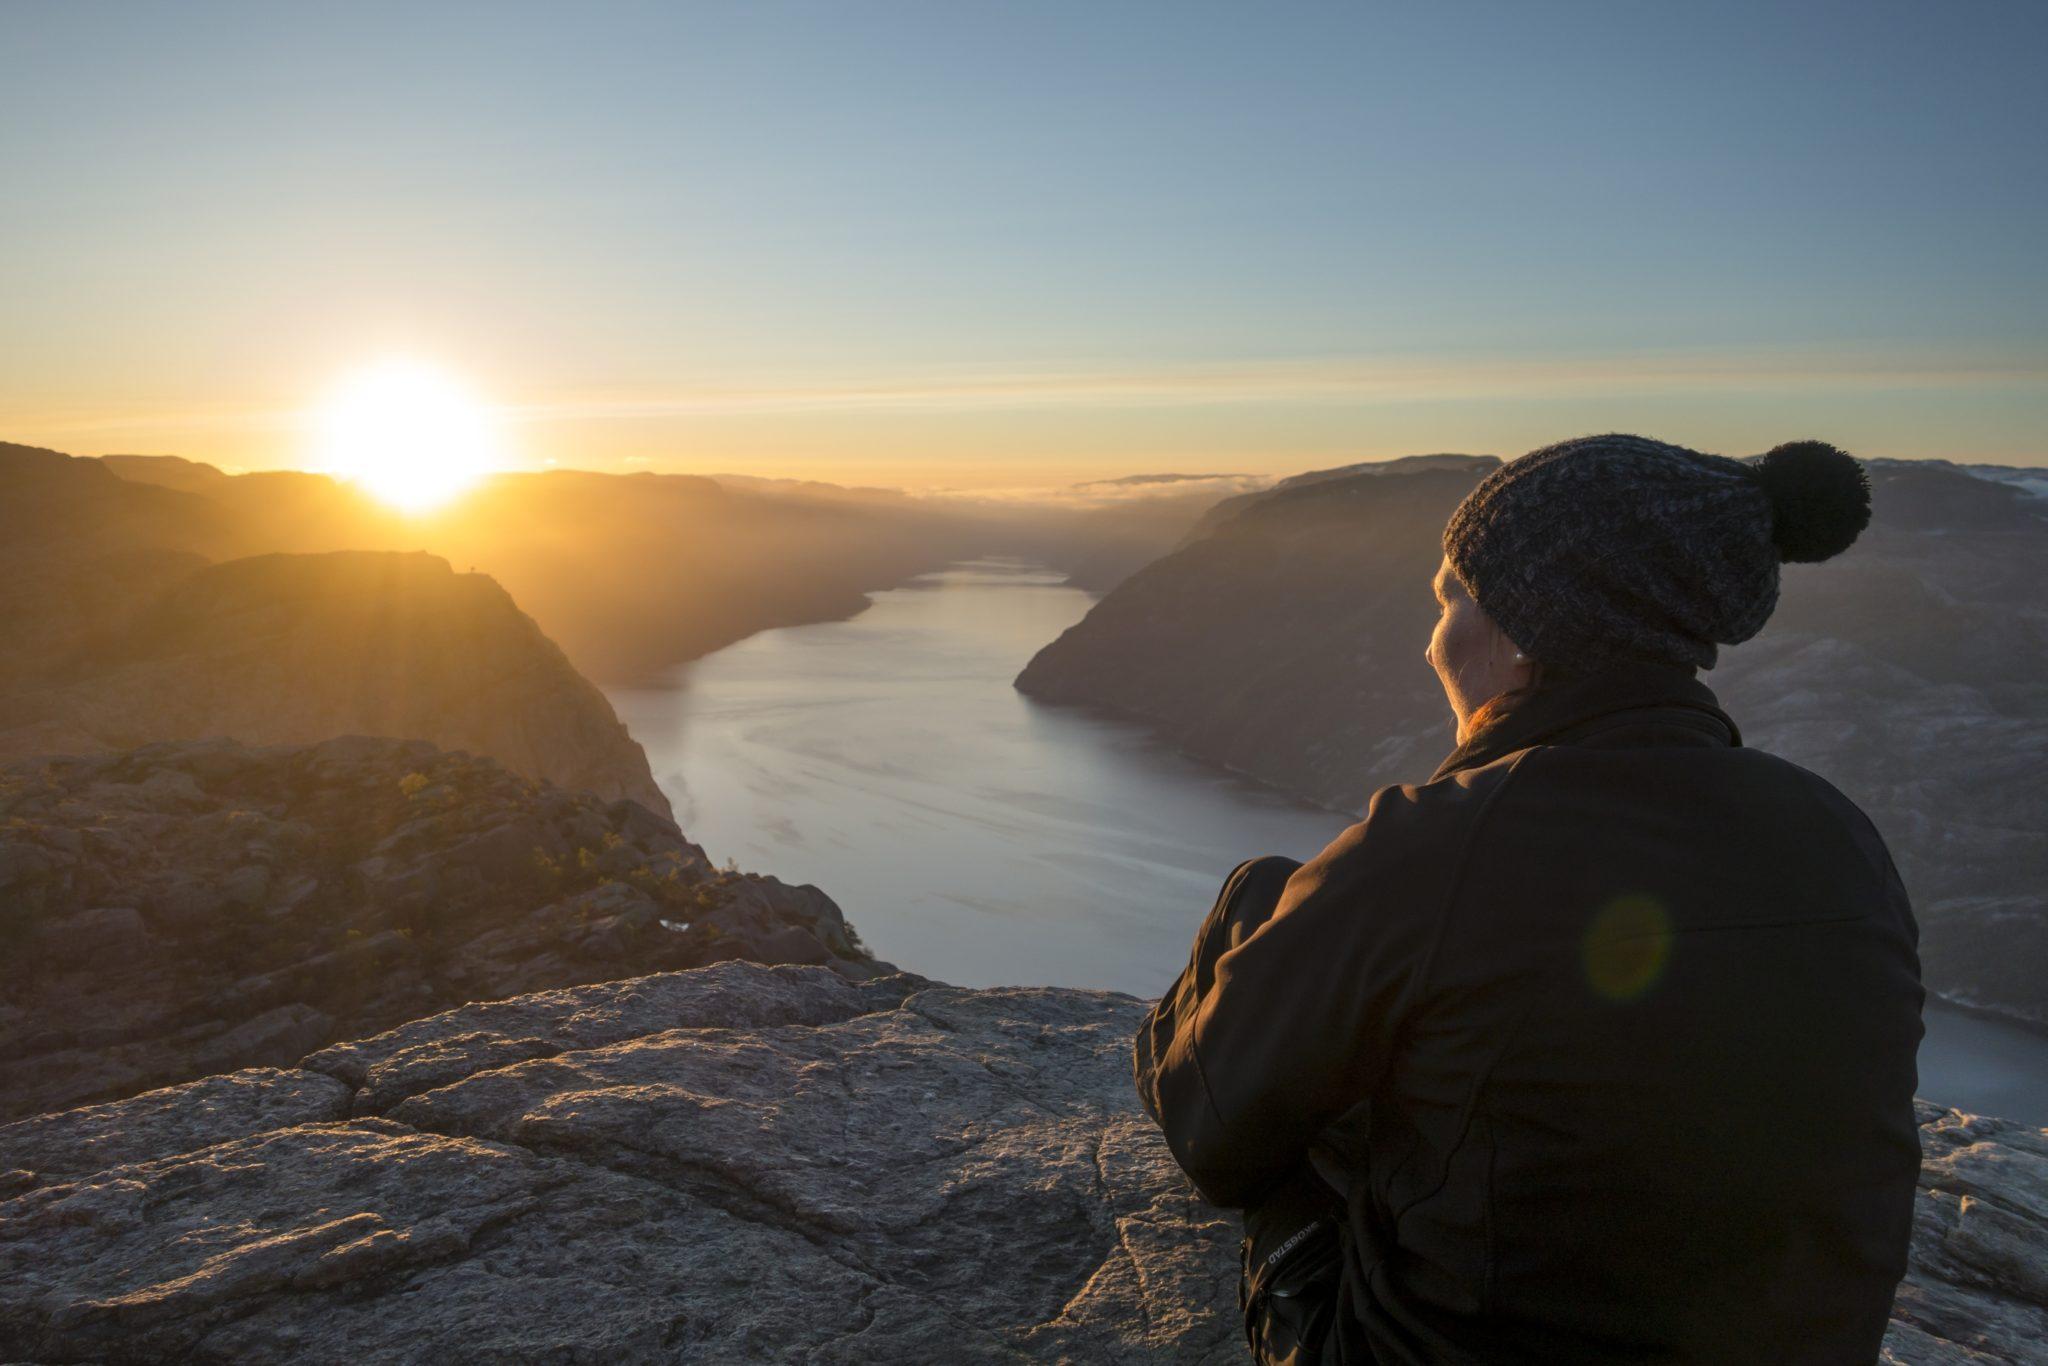 Preikestolen Sunrise Hike - Explore Lysefjorden